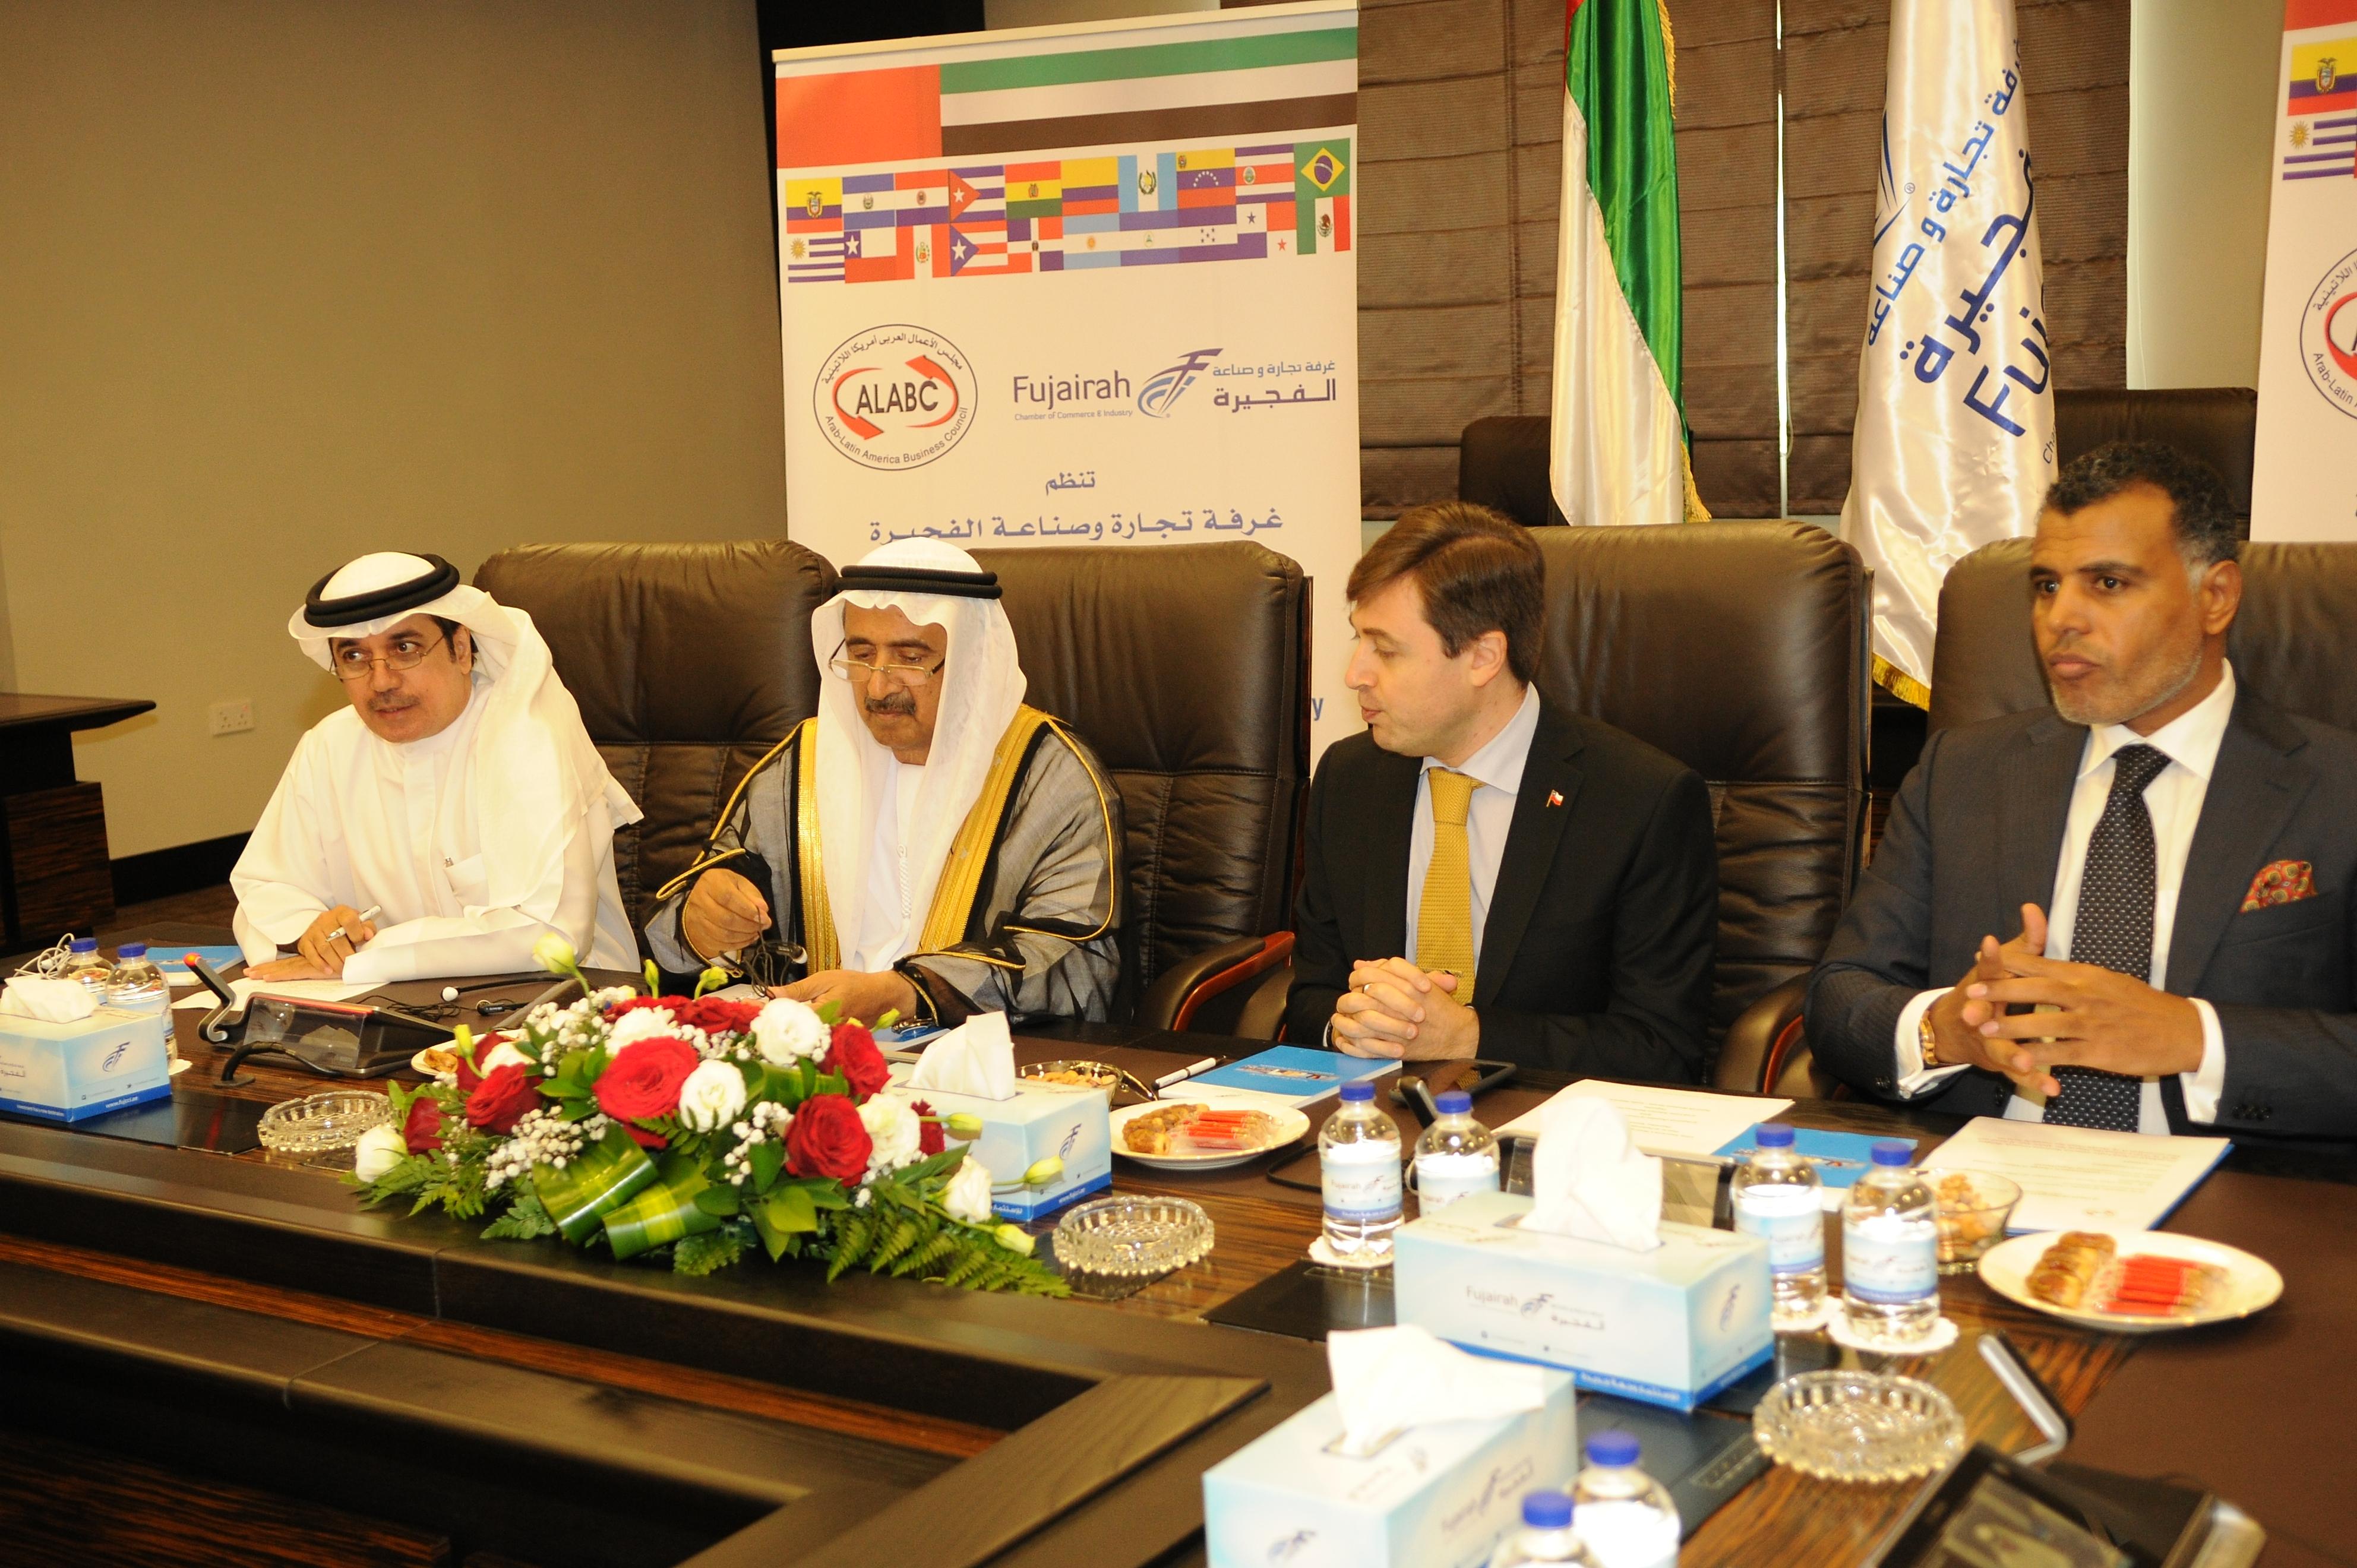 لقاء غرفة الفجيرة مع سفراء وقناصل دول أمريكا اللاتينية  و مجلس الأعمال العربي أمريكا اللاتينية